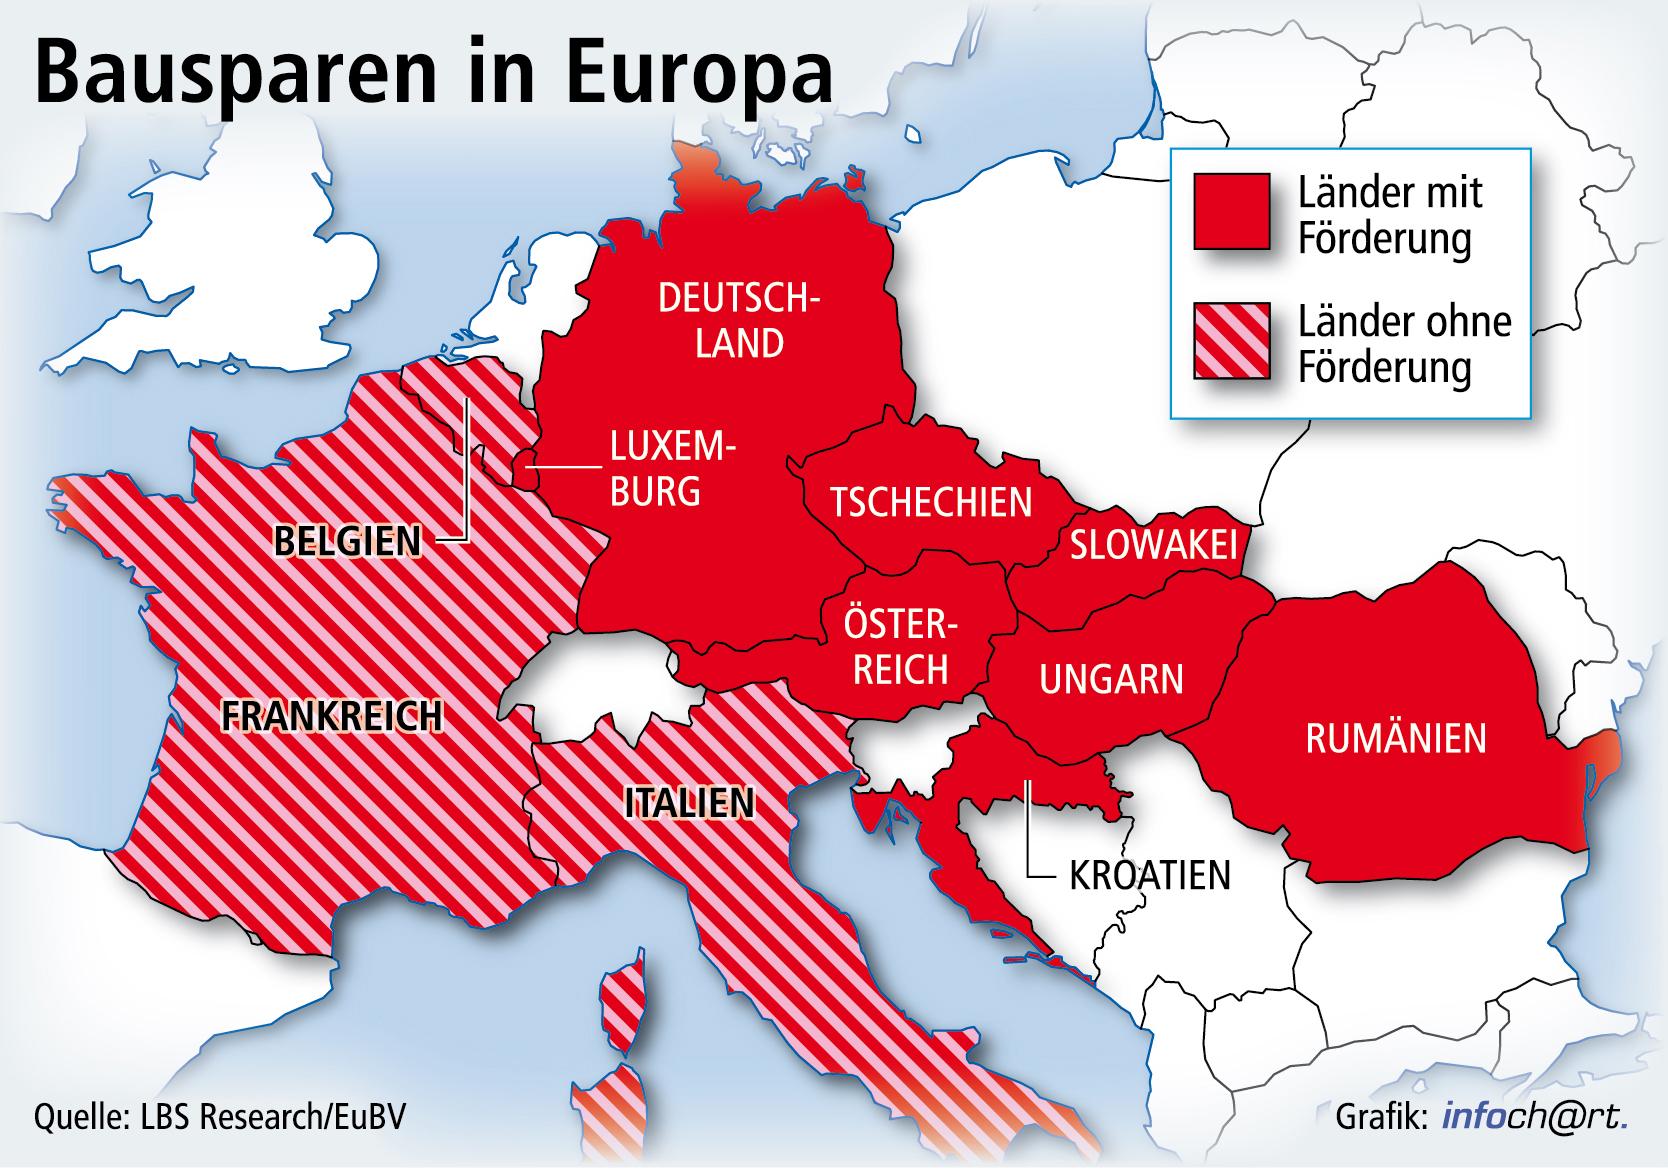 bausparen in europa zu hause bausparkassen bereits in jedem vierten eu land t tig 2012 ber. Black Bedroom Furniture Sets. Home Design Ideas